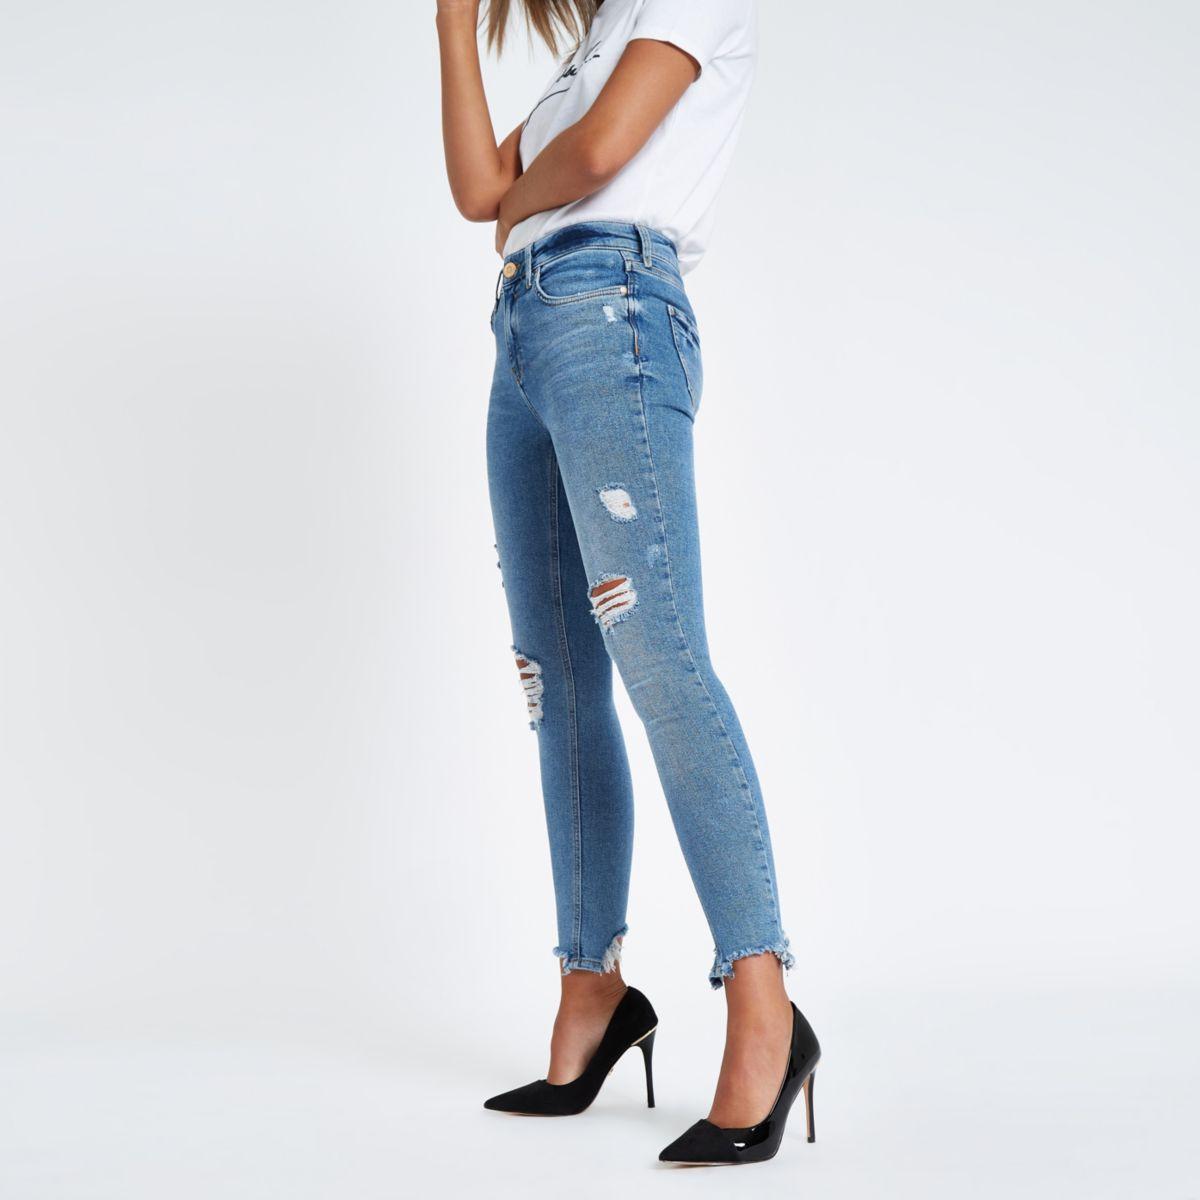 Amelie – Hellblaue Skinny Jeans